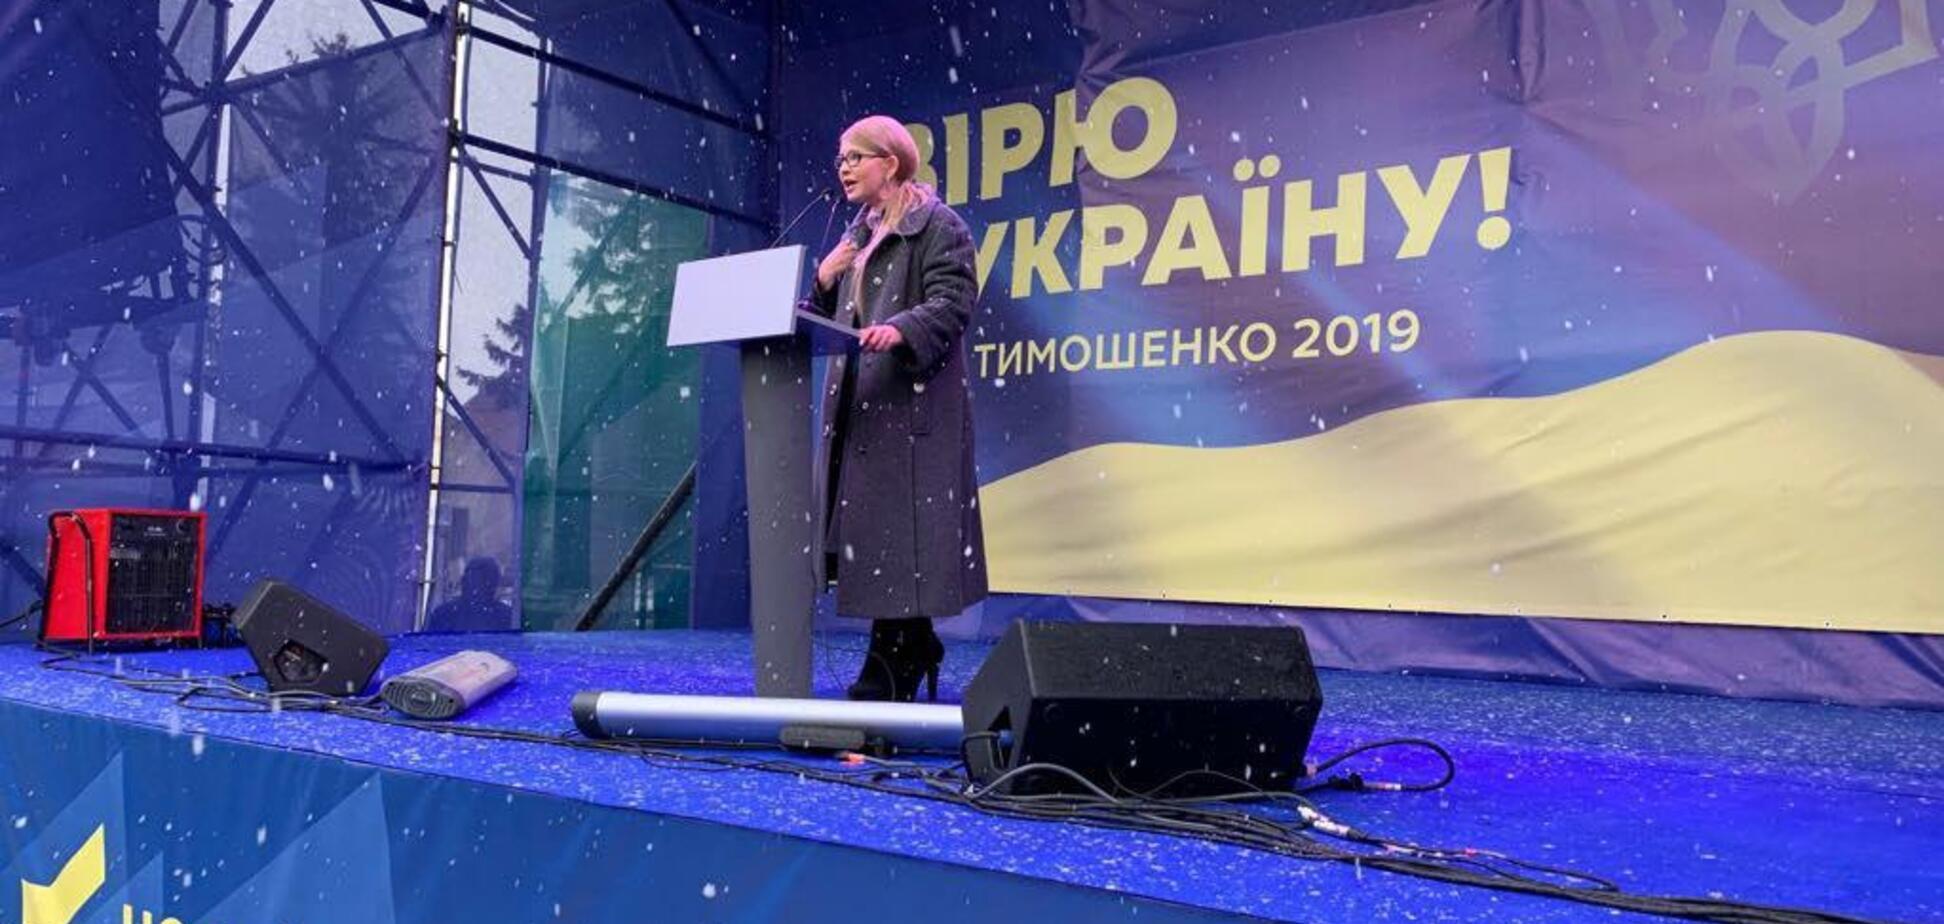 Тимошенко: ми створимо всі умови, щоб українці жили і працювали на Батьківщині